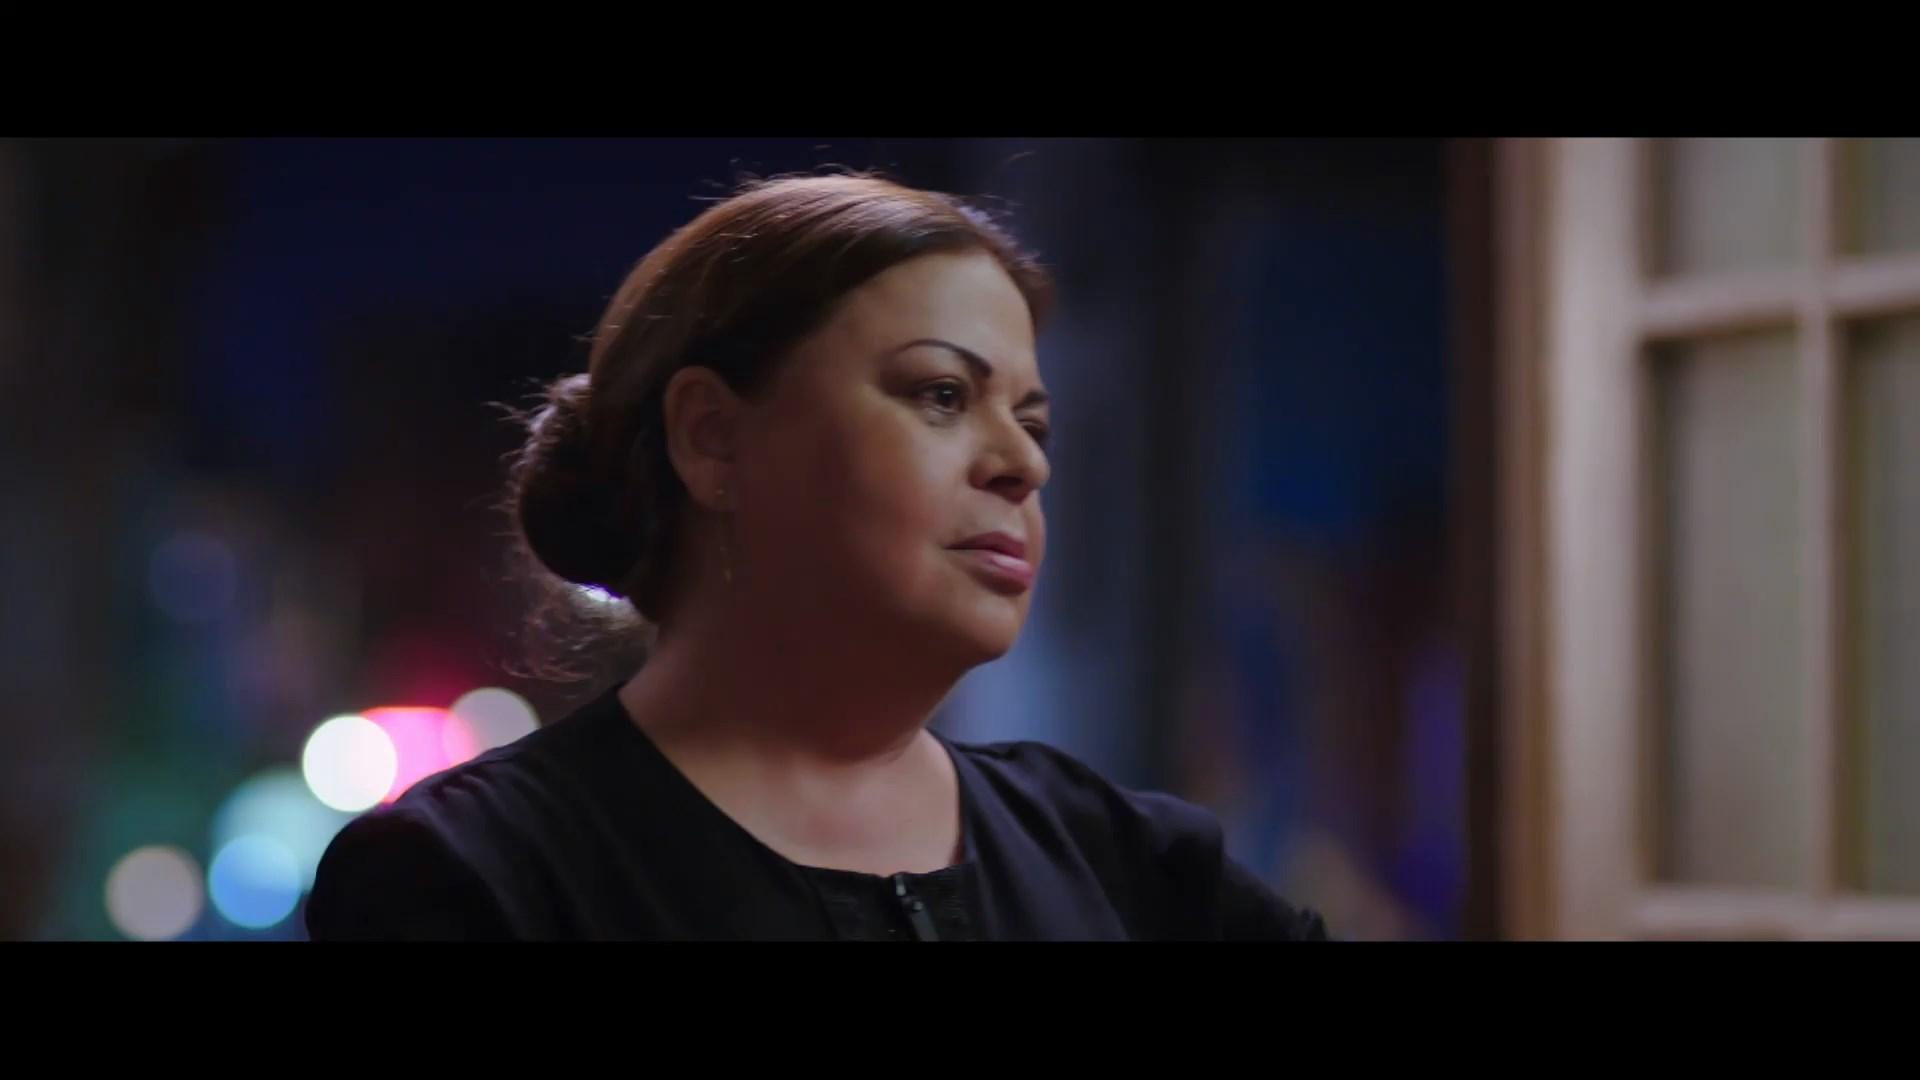 مسلسل قوت القلوب الجزء الثاني الحلقة الثالثة عشر (2020) 1080p تحميل تورنت 2 arabp2p.com